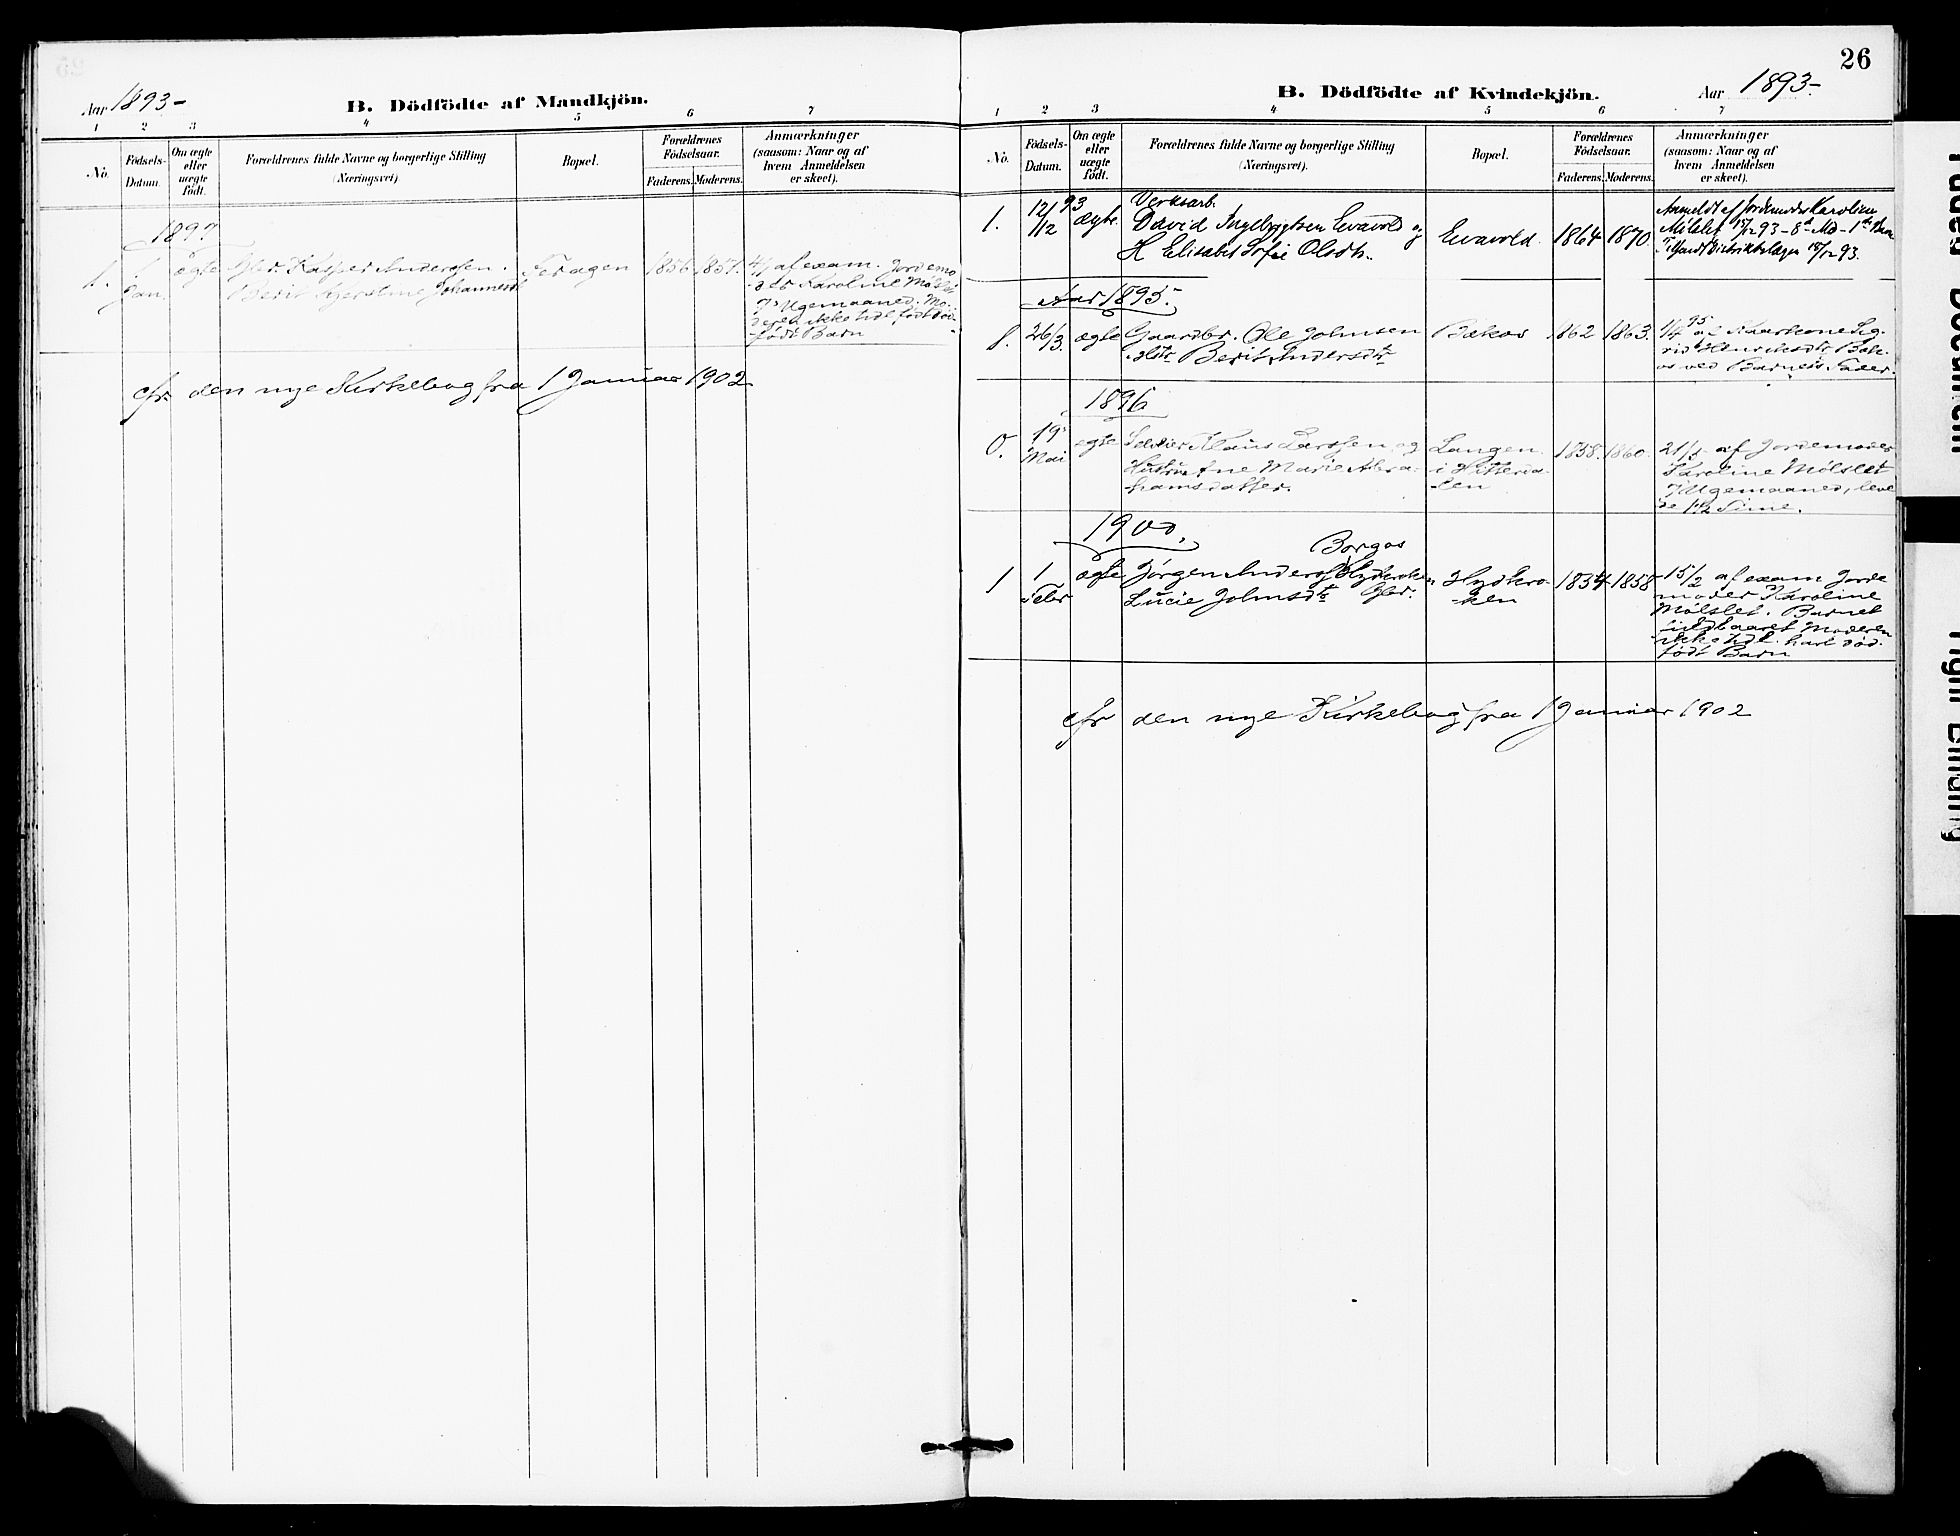 SAT, Ministerialprotokoller, klokkerbøker og fødselsregistre - Sør-Trøndelag, 683/L0948: Ministerialbok nr. 683A01, 1891-1902, s. 26